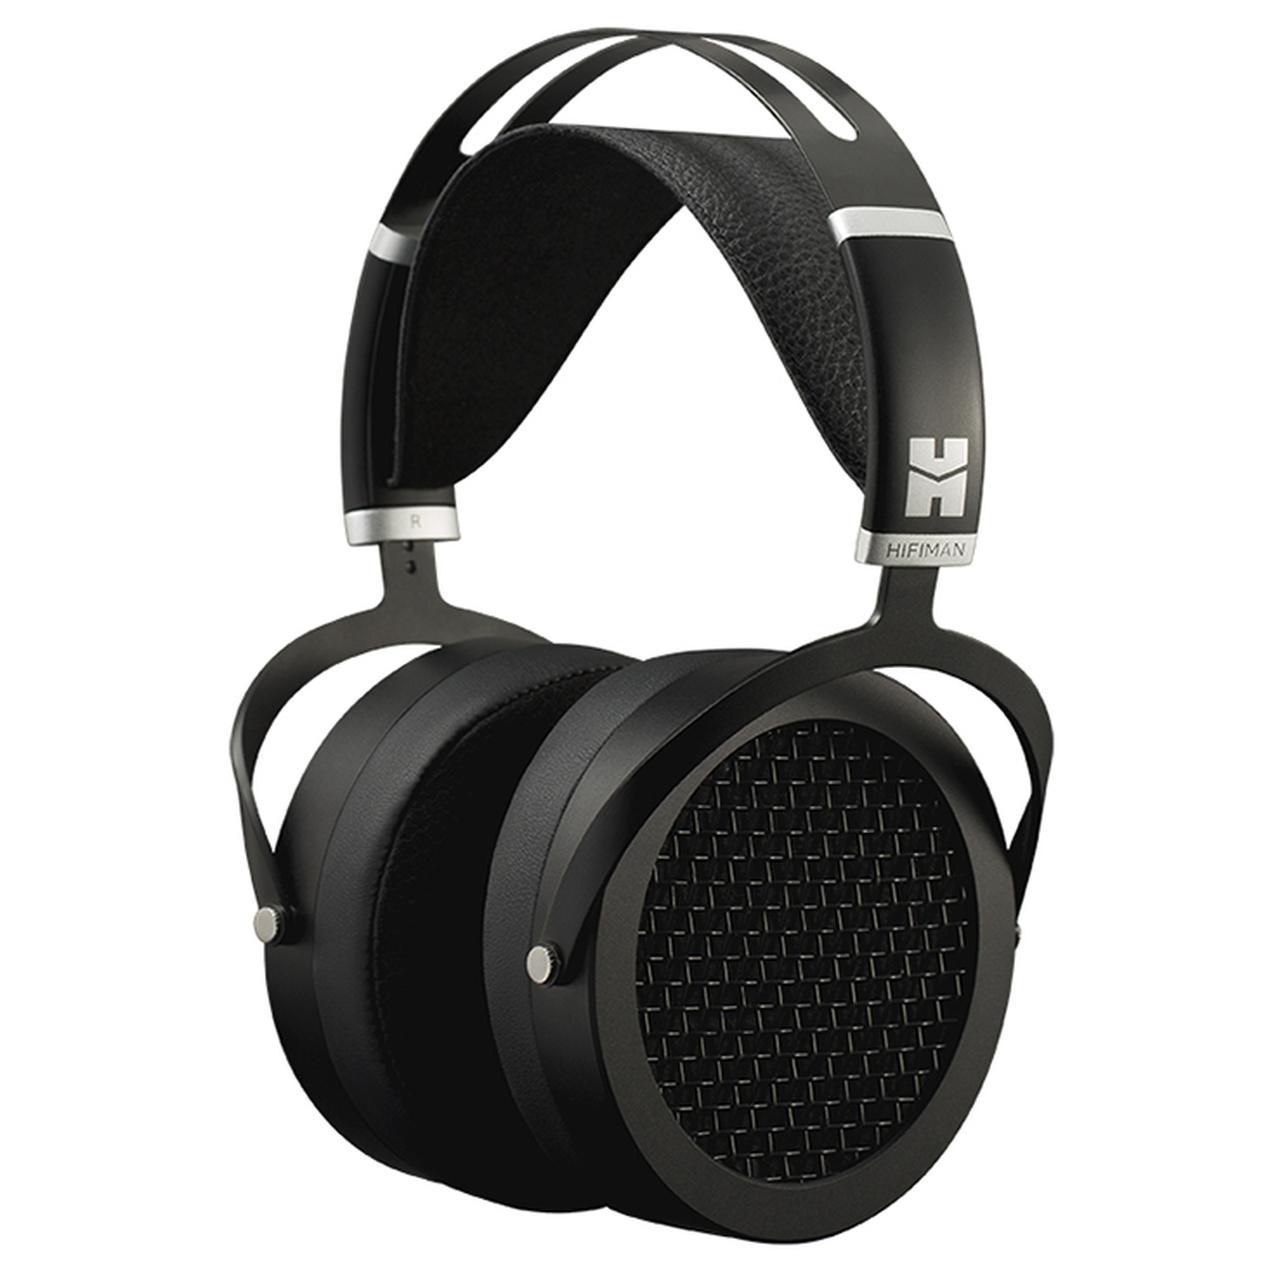 画像: HIFIMAN、平面駆動型ヘッドホン「SUNDARA」を5万円で発売。新開発ダイヤフラムで6Hz~75kHzの広帯域再生を実現 | Stereo Sound ONLINE